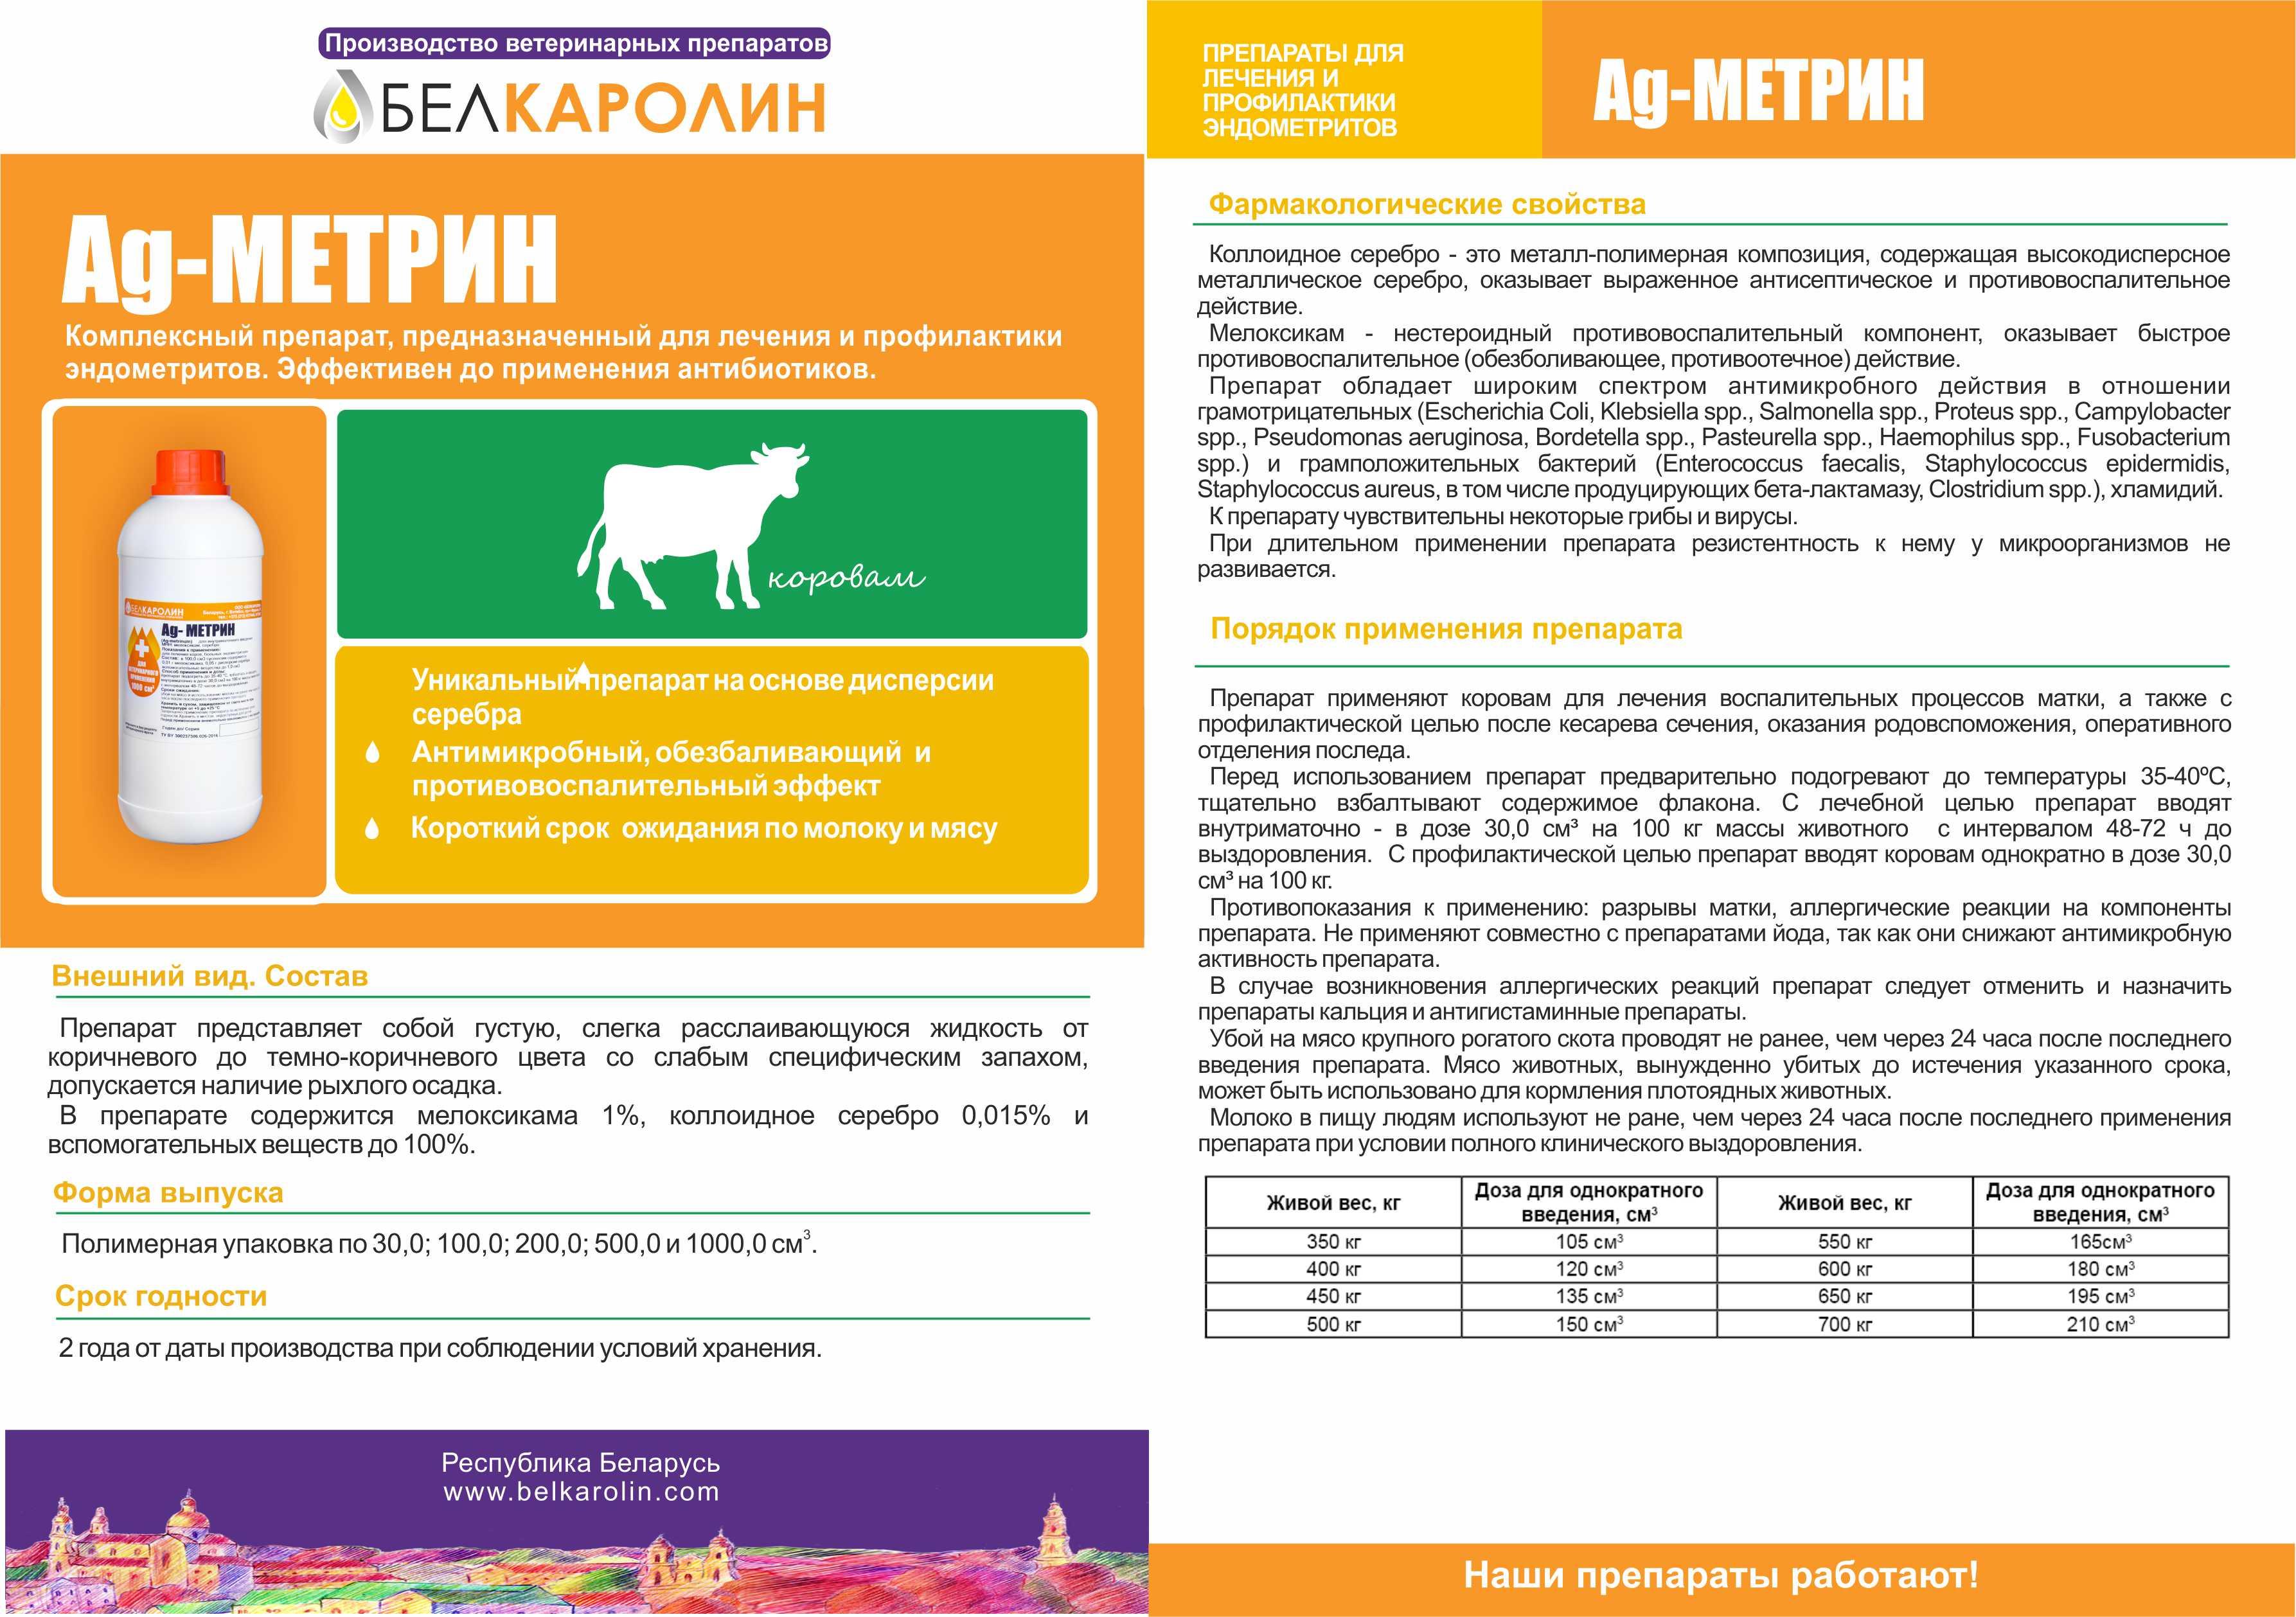 Митрек: инструкция по применению в ветеринарии для птиц и КРС